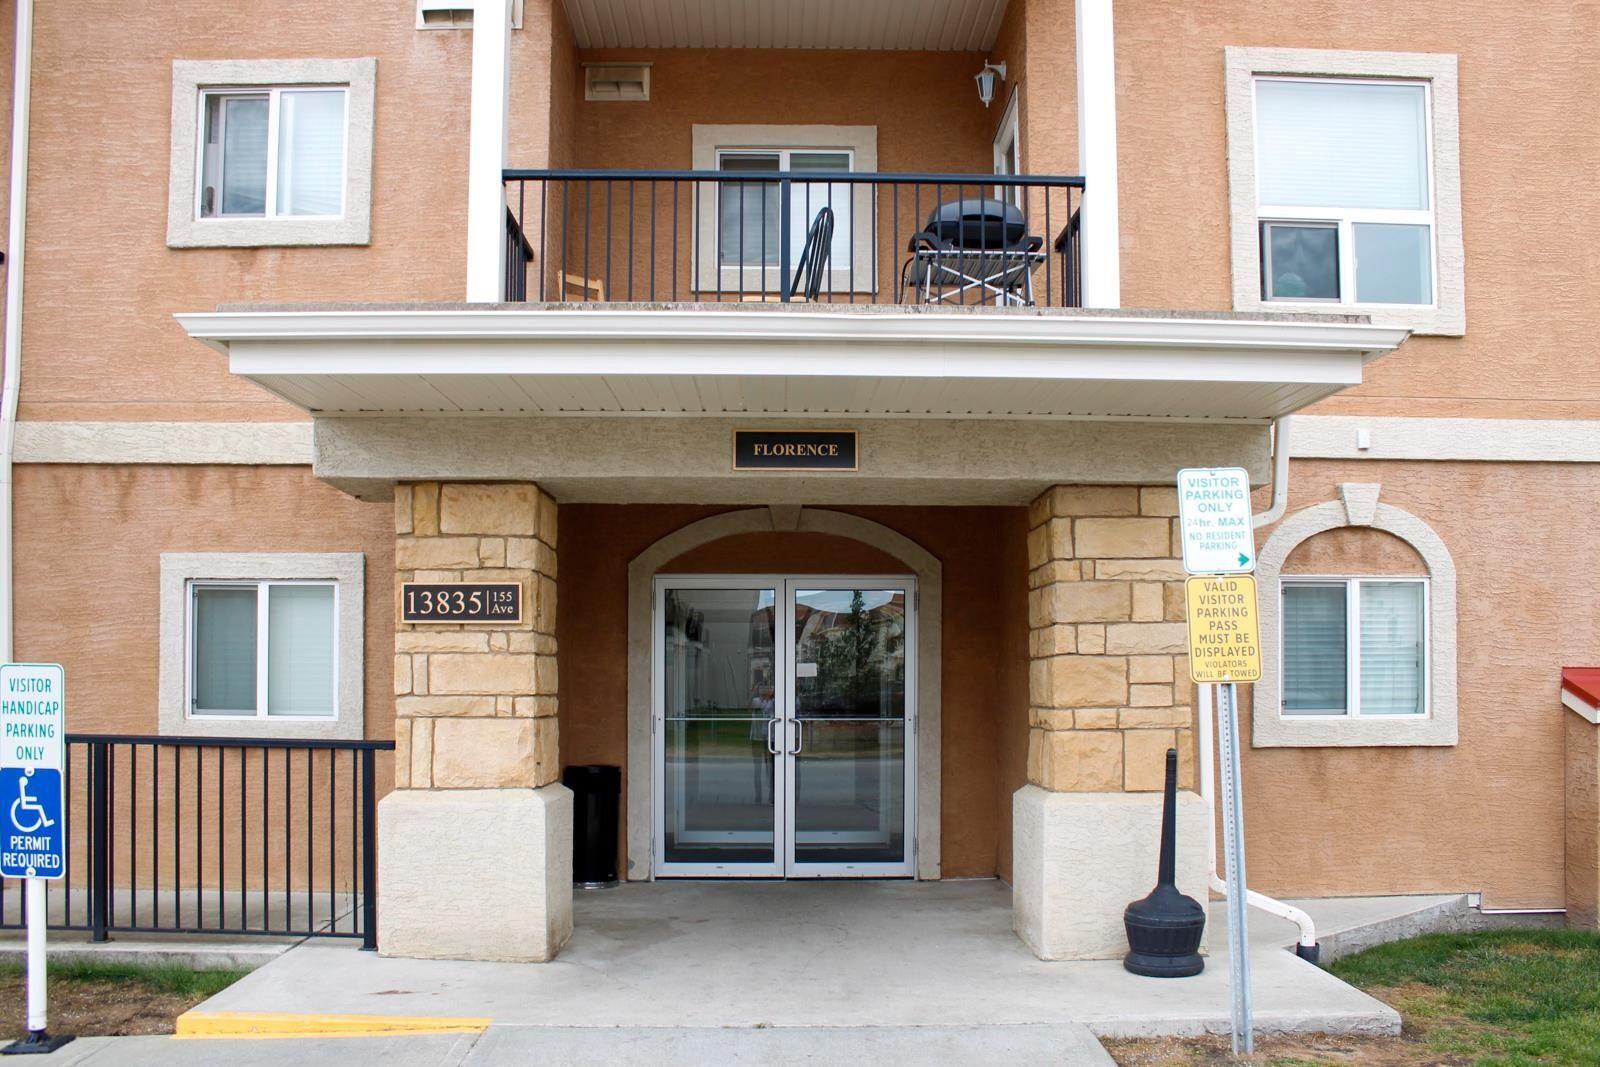 Main Photo: 208 13835 155 Avenue in Edmonton: Zone 27 Condo for sale : MLS®# E4260690